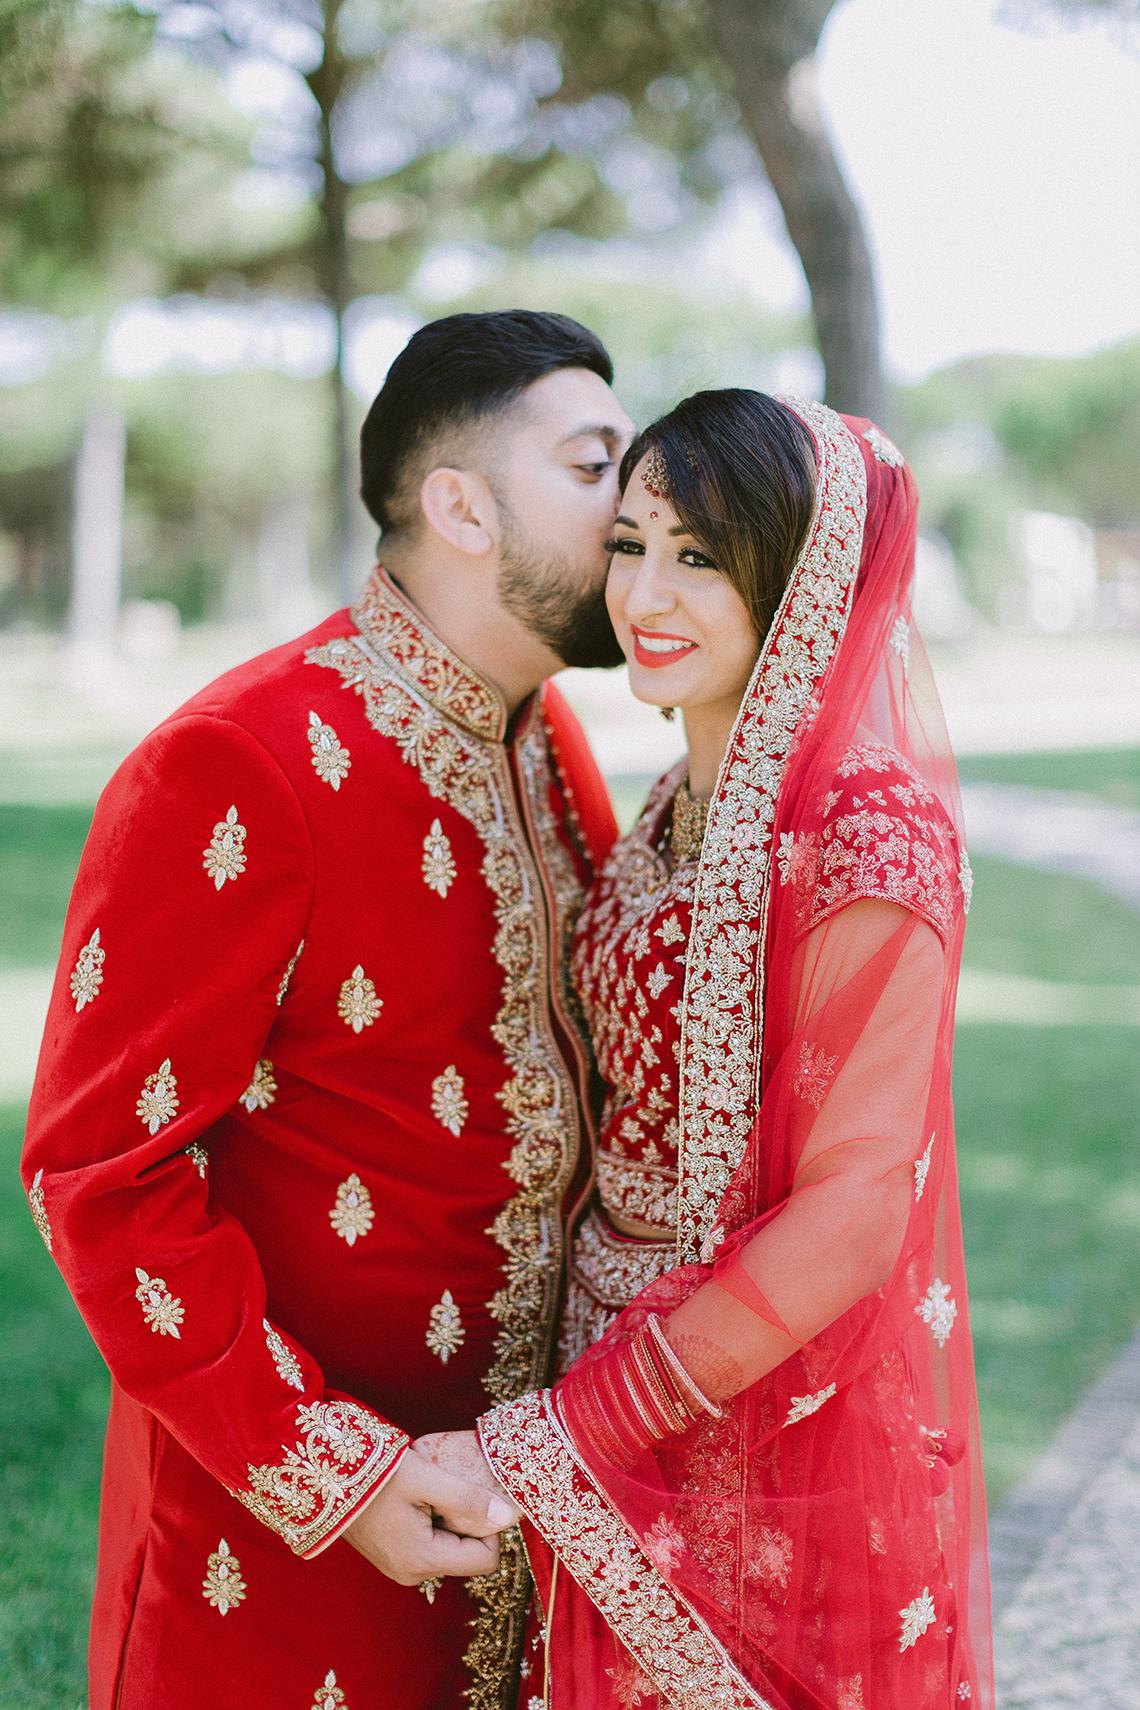 Hindu Destination Wedding in Portugal – Portugal Wedding Photographer 27